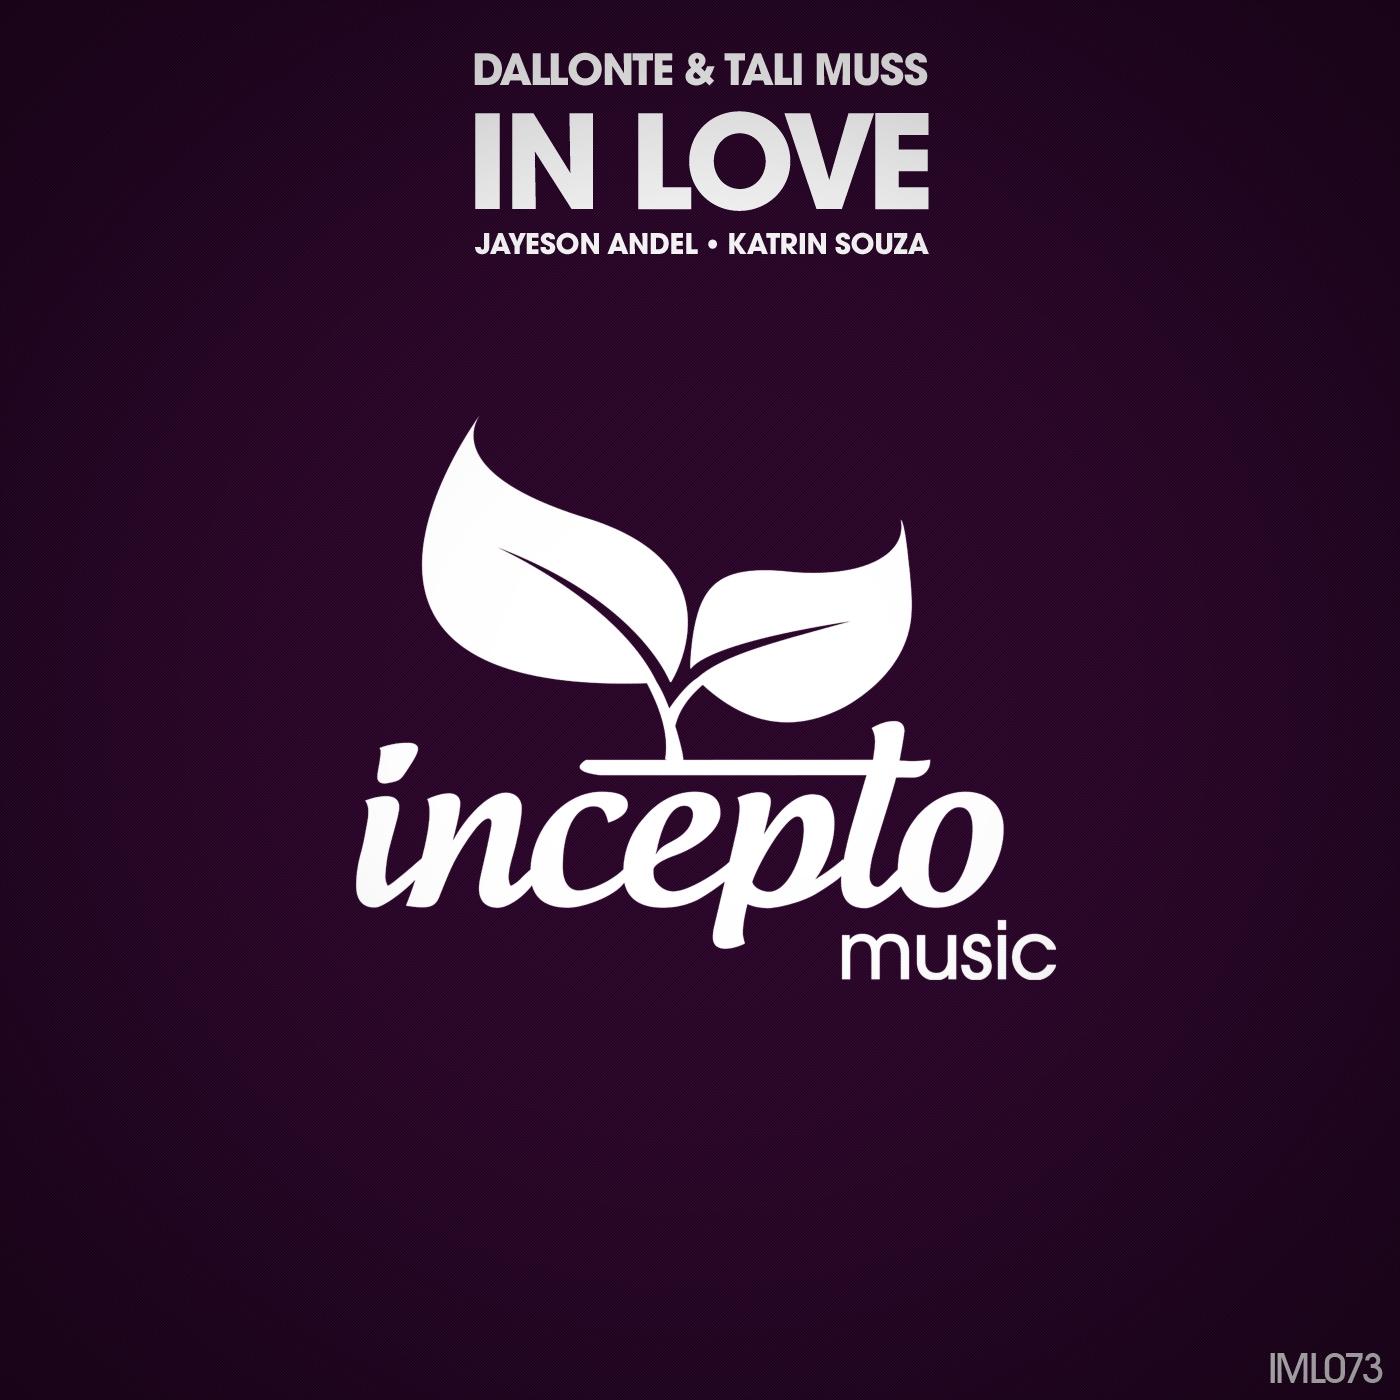 Dallonte & Tali Muss - In Love (Original Mix)